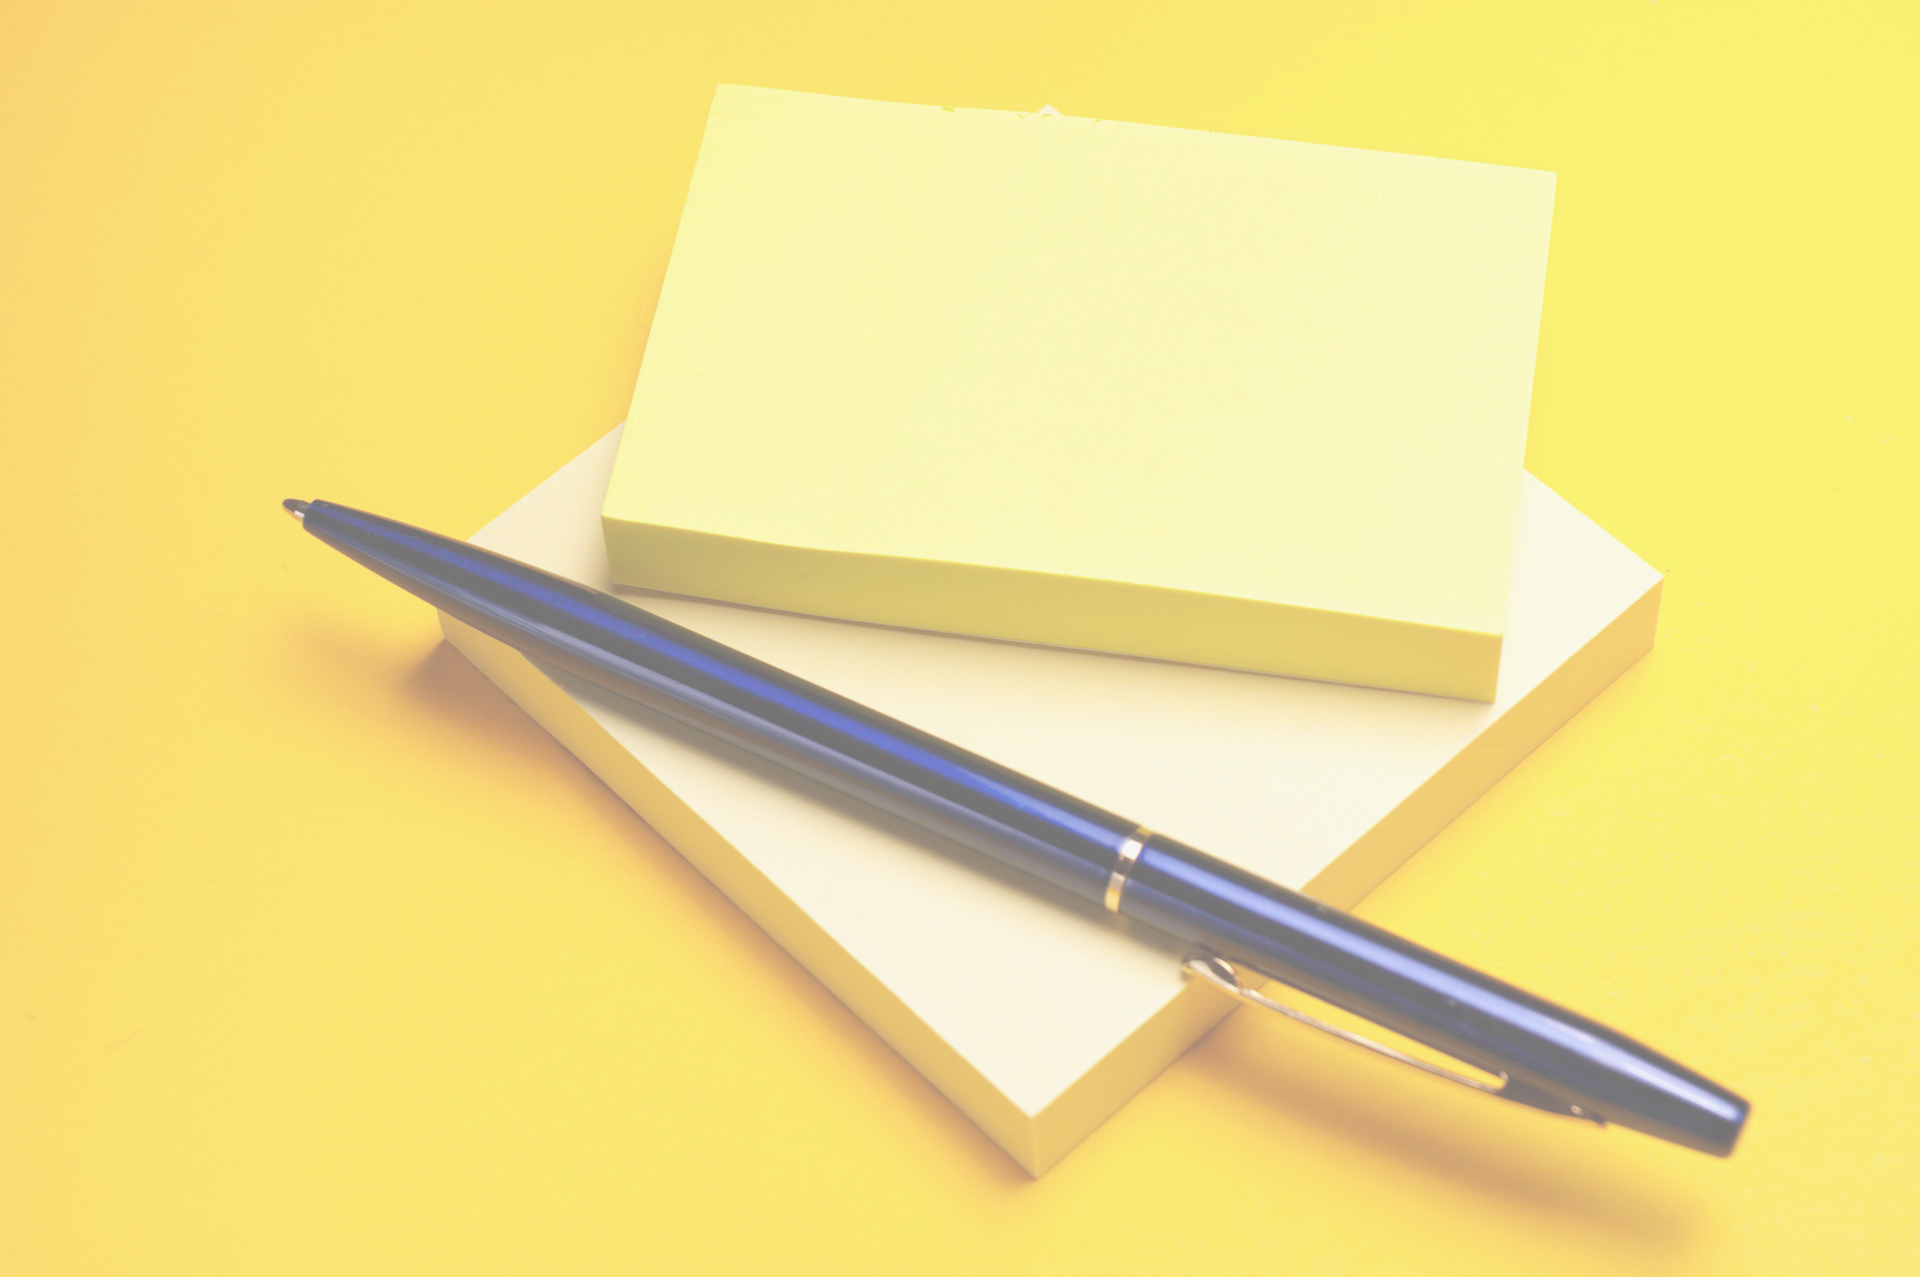 pen-4855775_1920